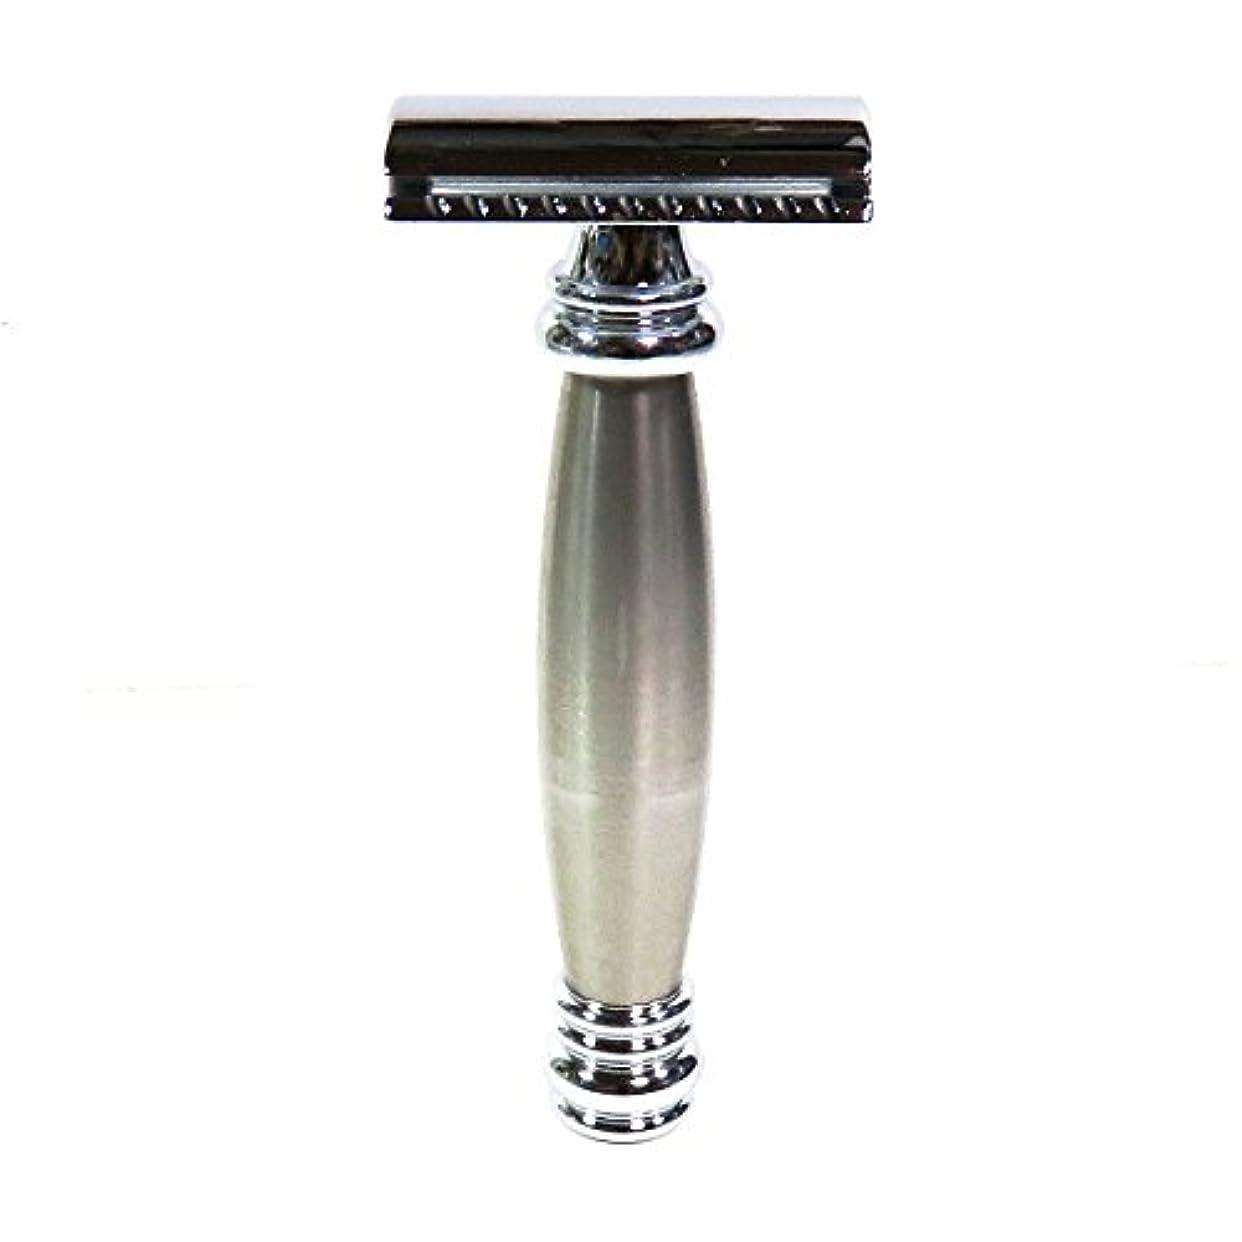 メールバリケードくつろぎメルクールMERKUR(独)髭剃り(ひげそり)両刃ホルダー43002 流線型重厚グリップ